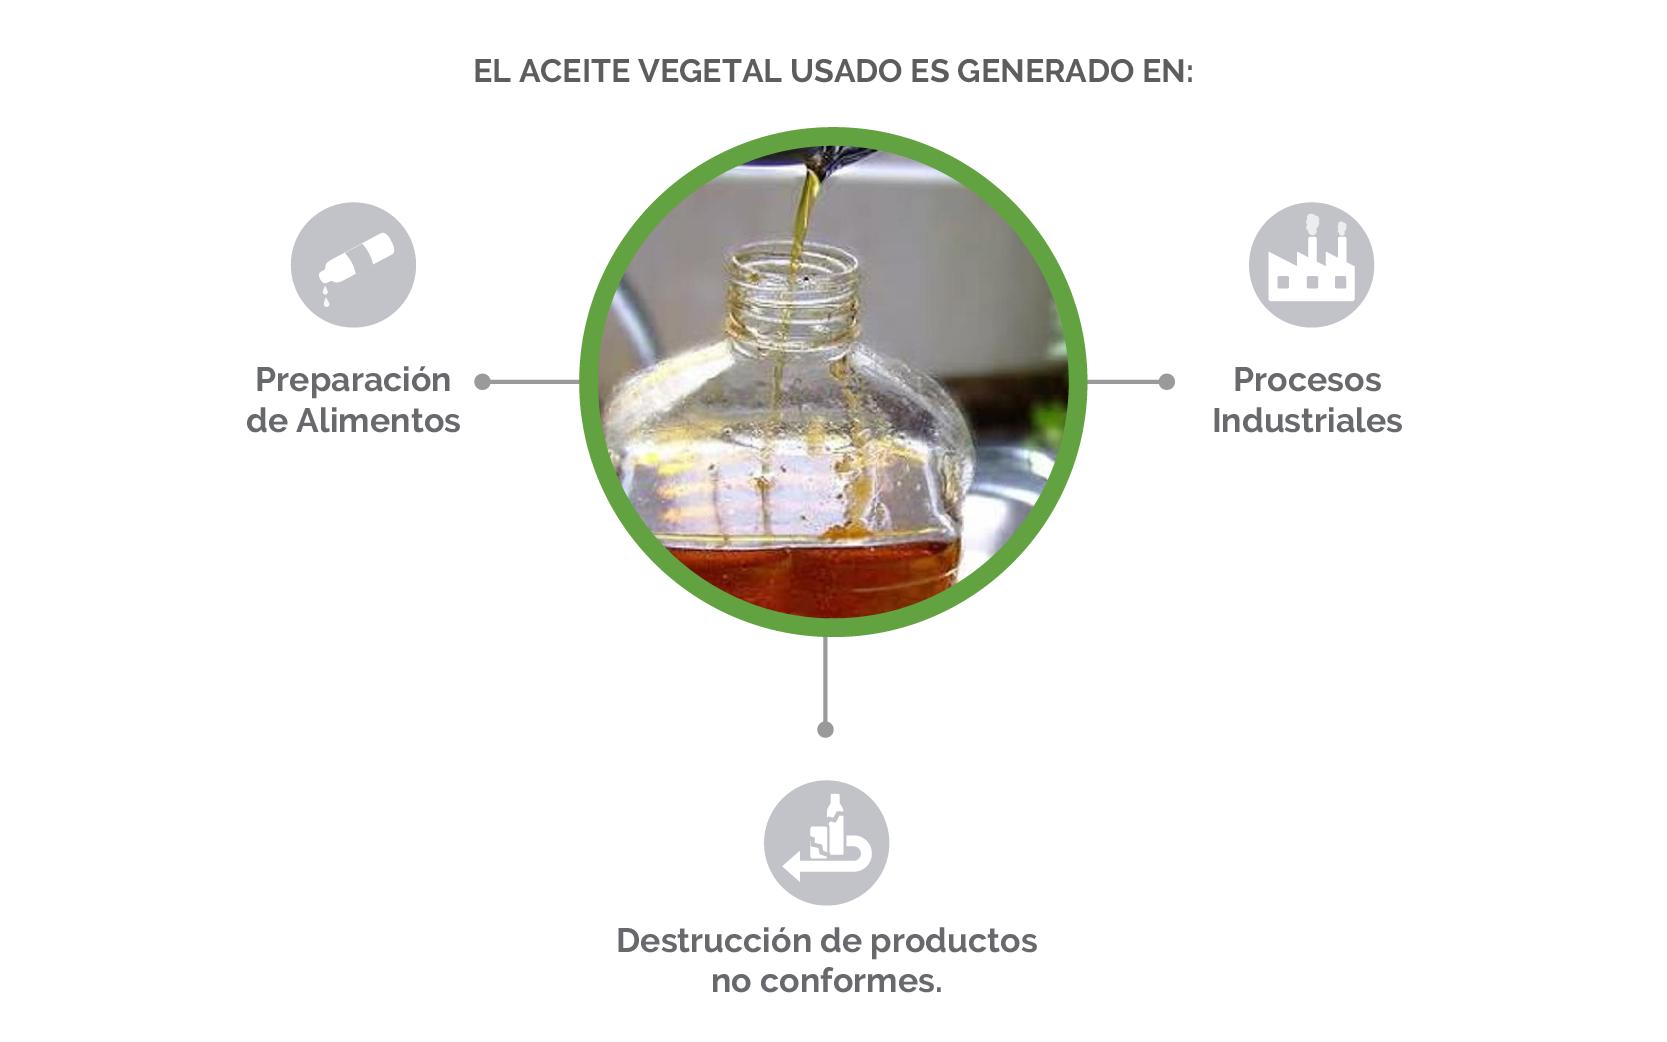 Aceite vegetal usado